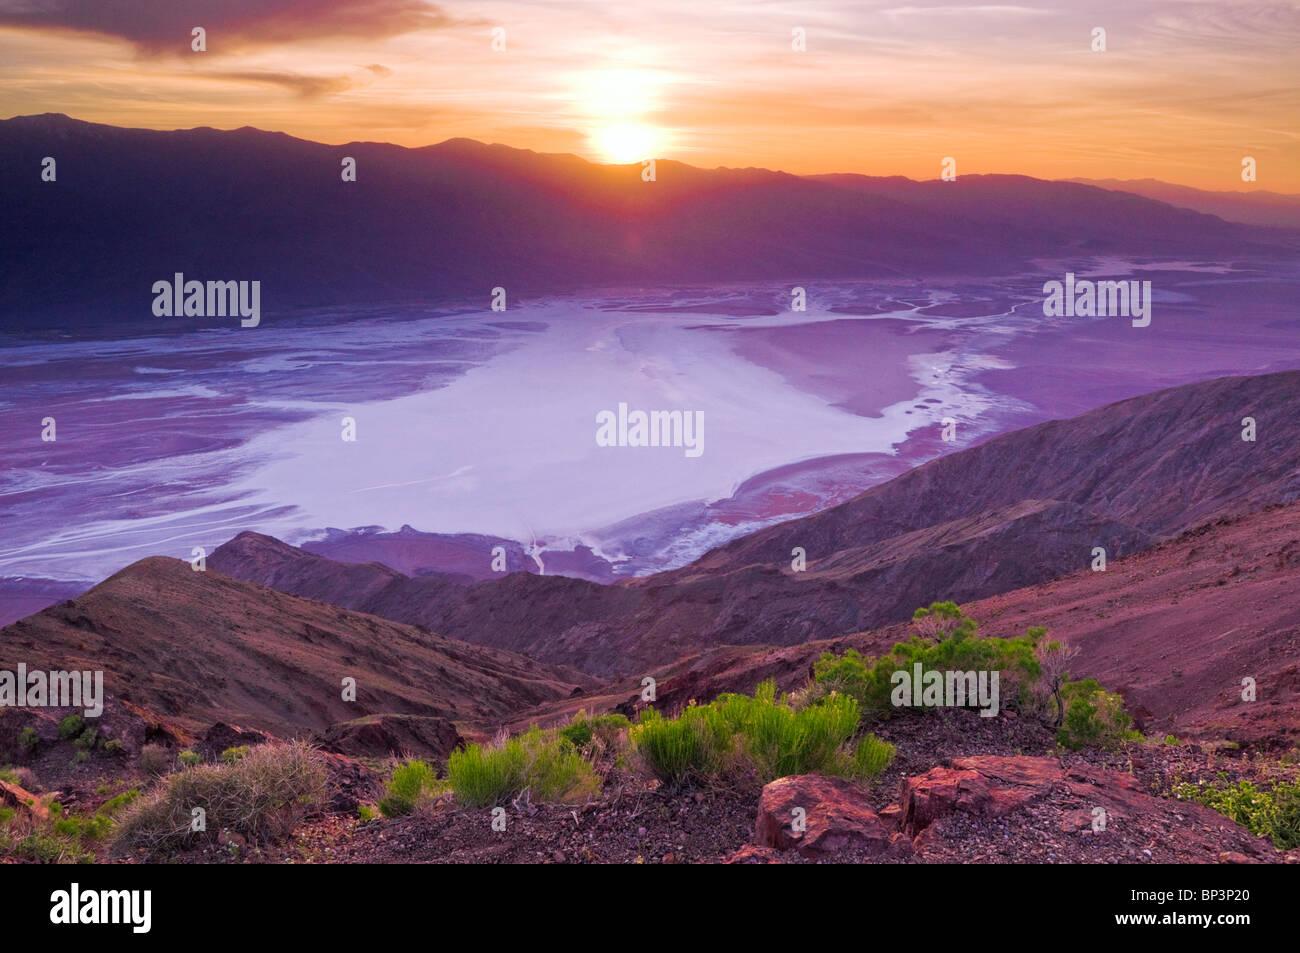 Puesta de sol sobre el valle de la Muerte de Dante's View, el Parque Nacional Valle de la muerte. California Foto de stock